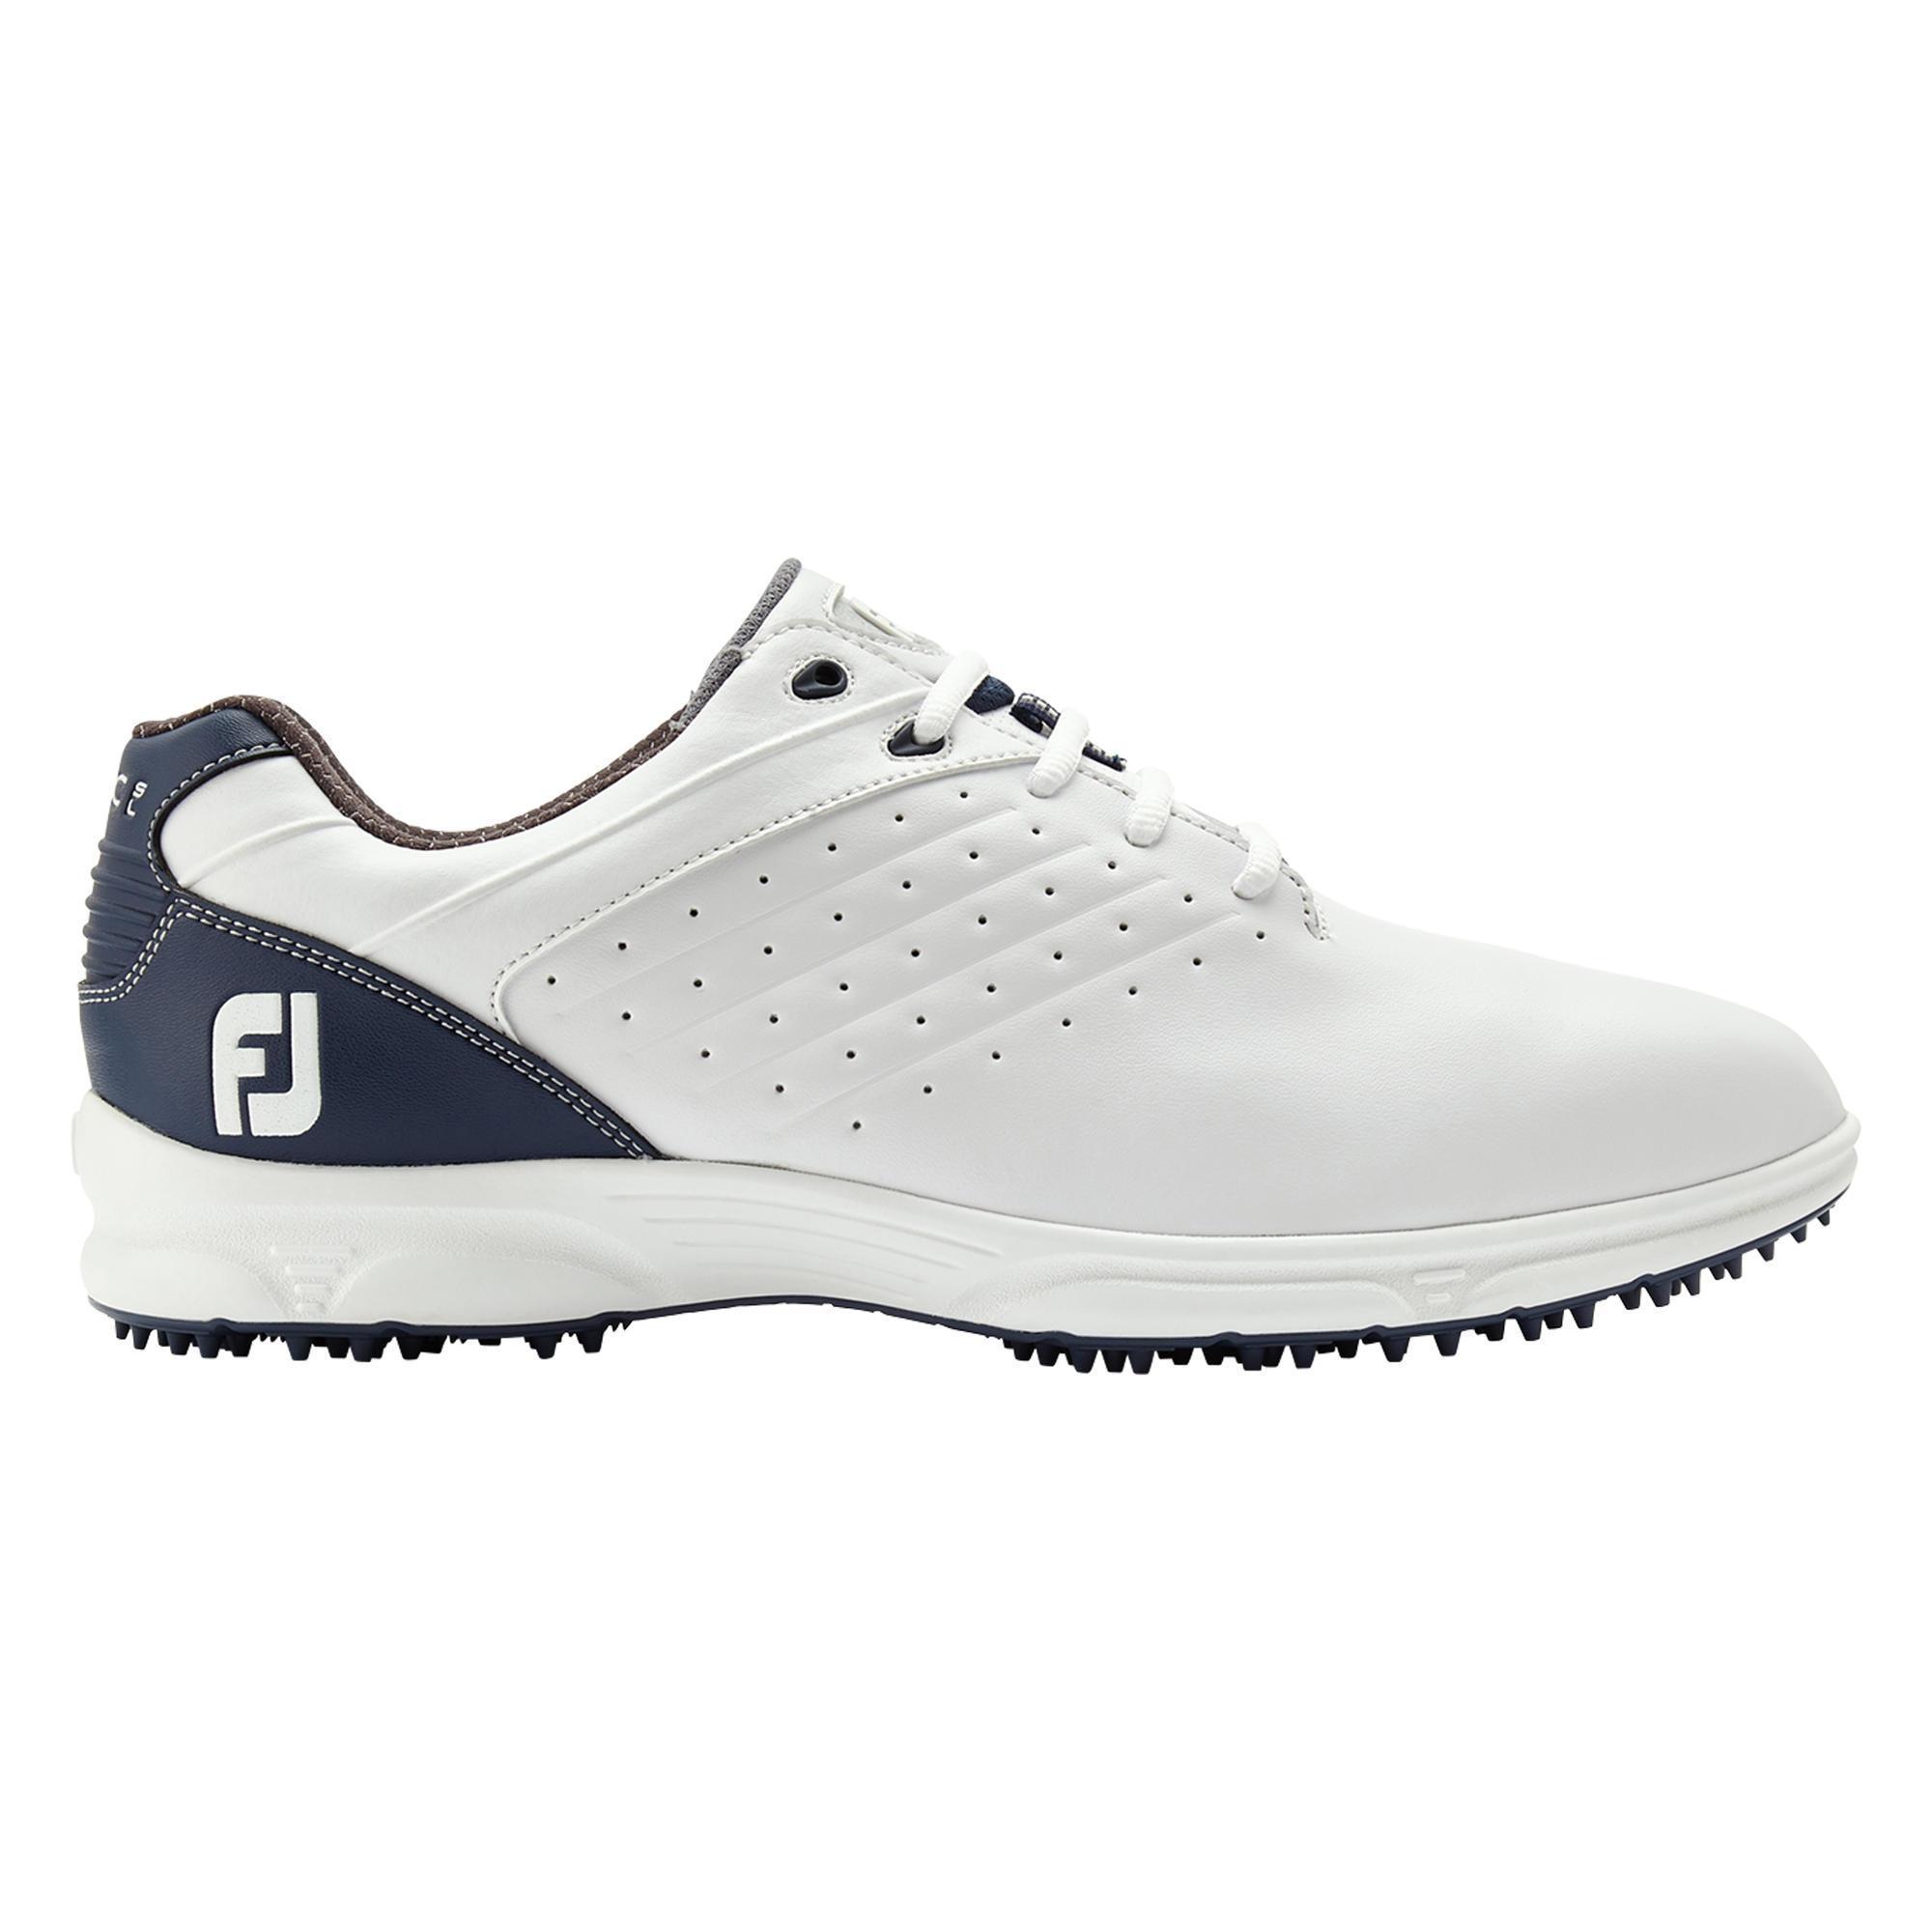 Comprar zapatos y zapatillas de golf online  5fc19c0bc0d